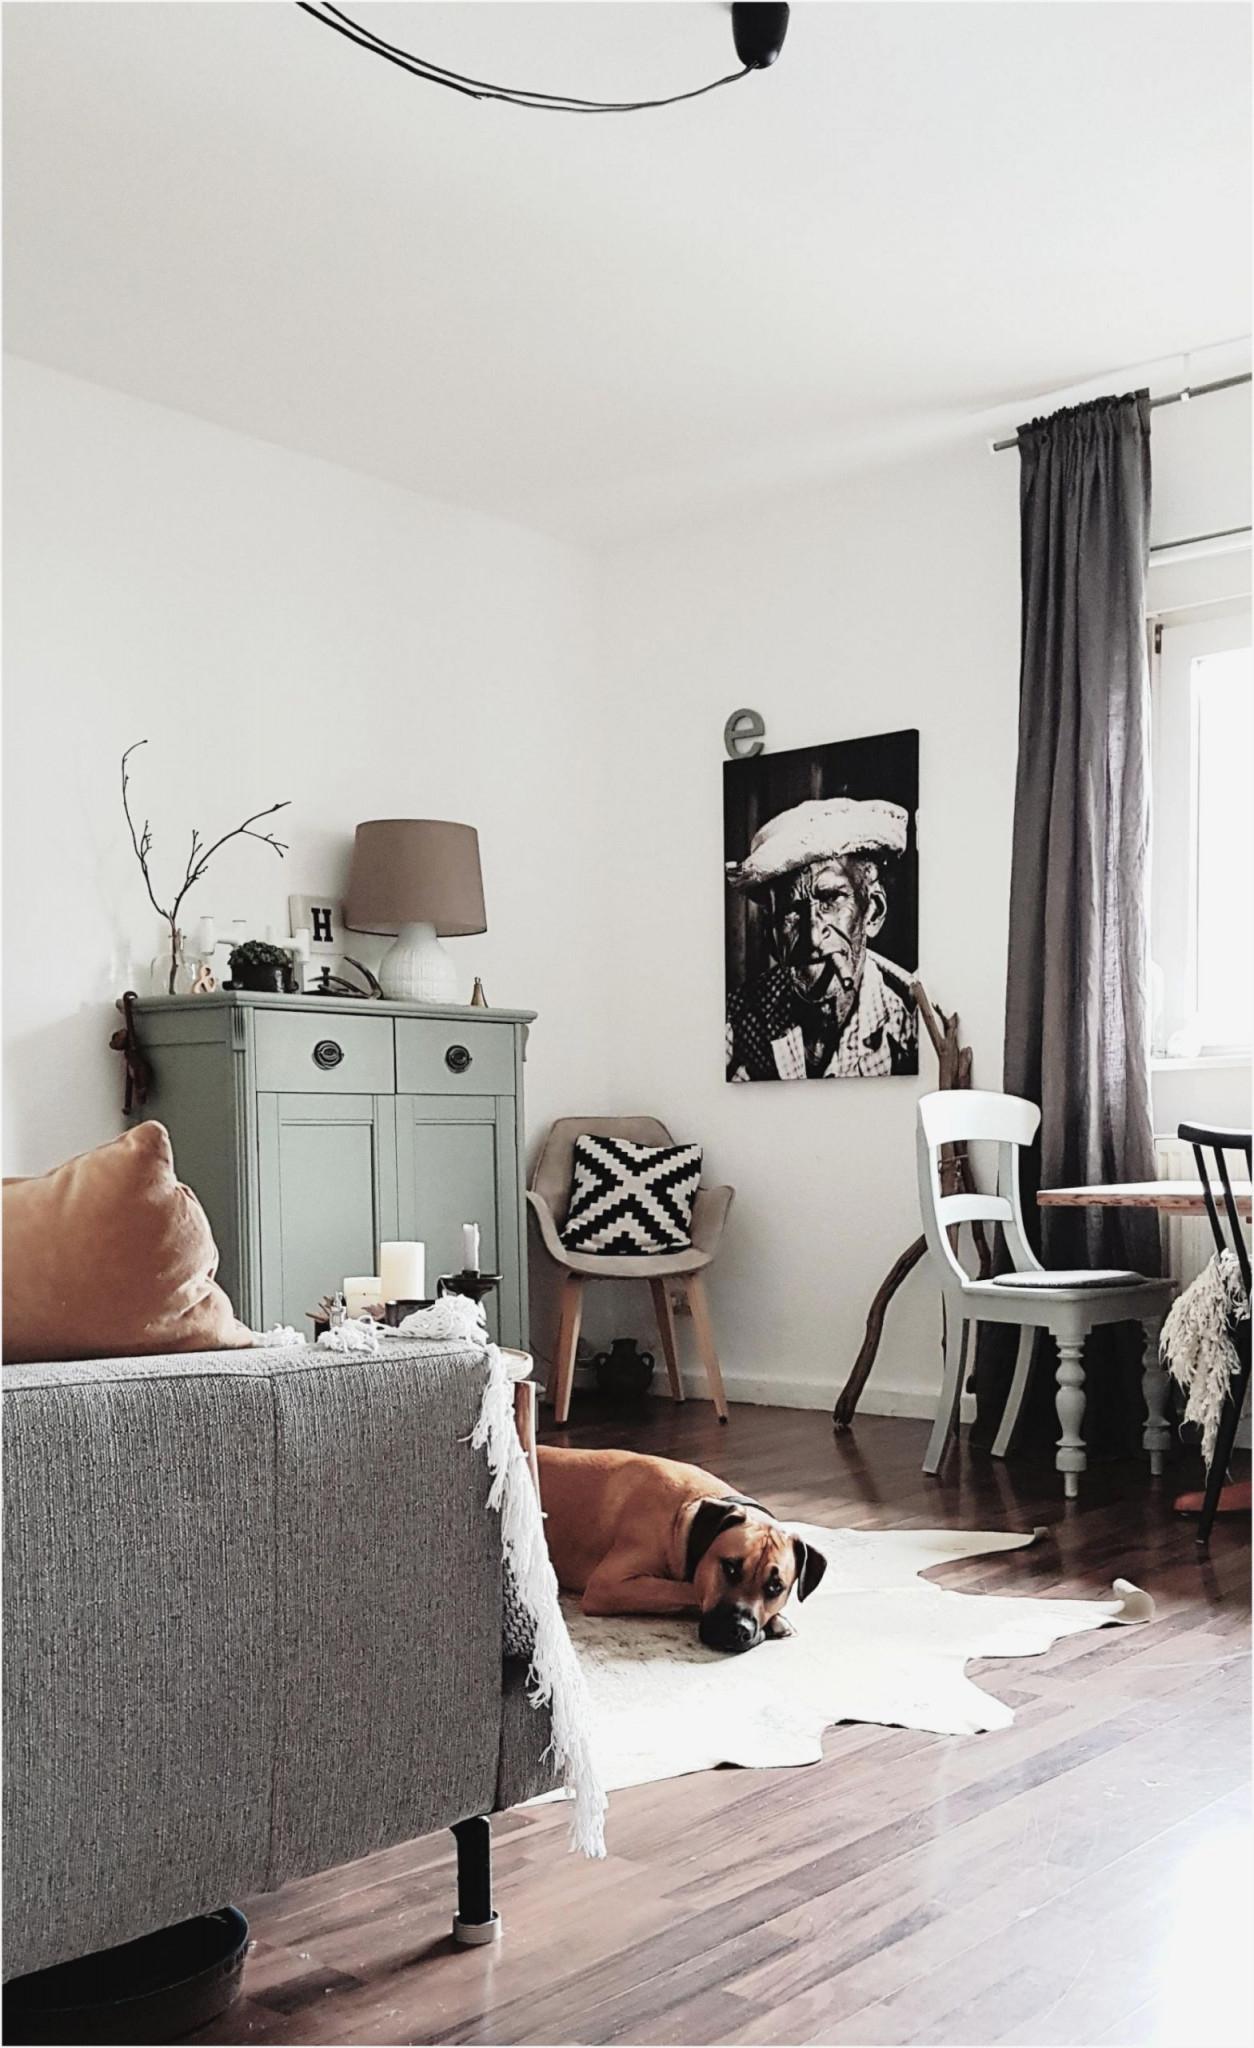 Leere Ecken Im Wohnzimmer Gestalten  Wohnzimmer  Traumhaus von Deko Für Ecken Im Wohnzimmer Bild